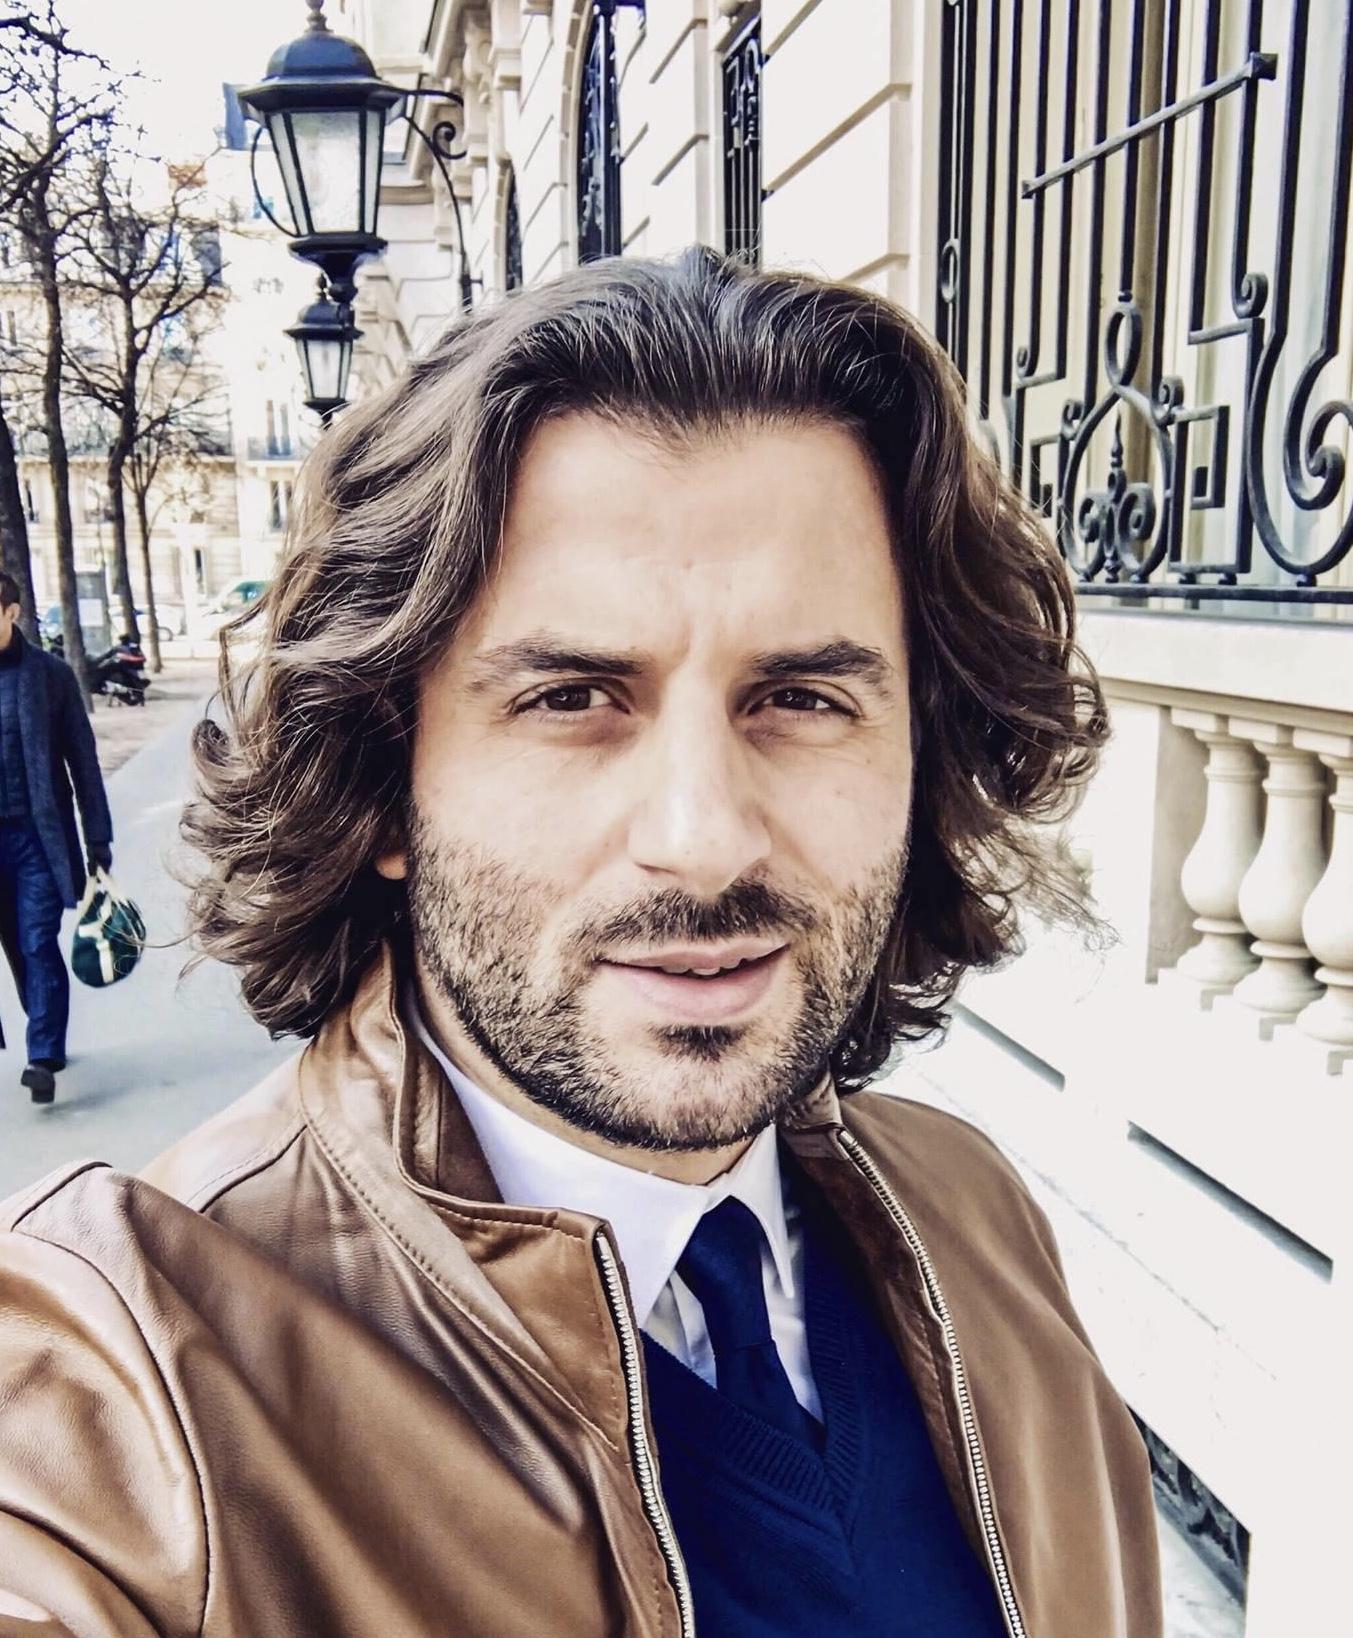 Profesori nga Parisi: Kosovë s'ka më, ka veç banda